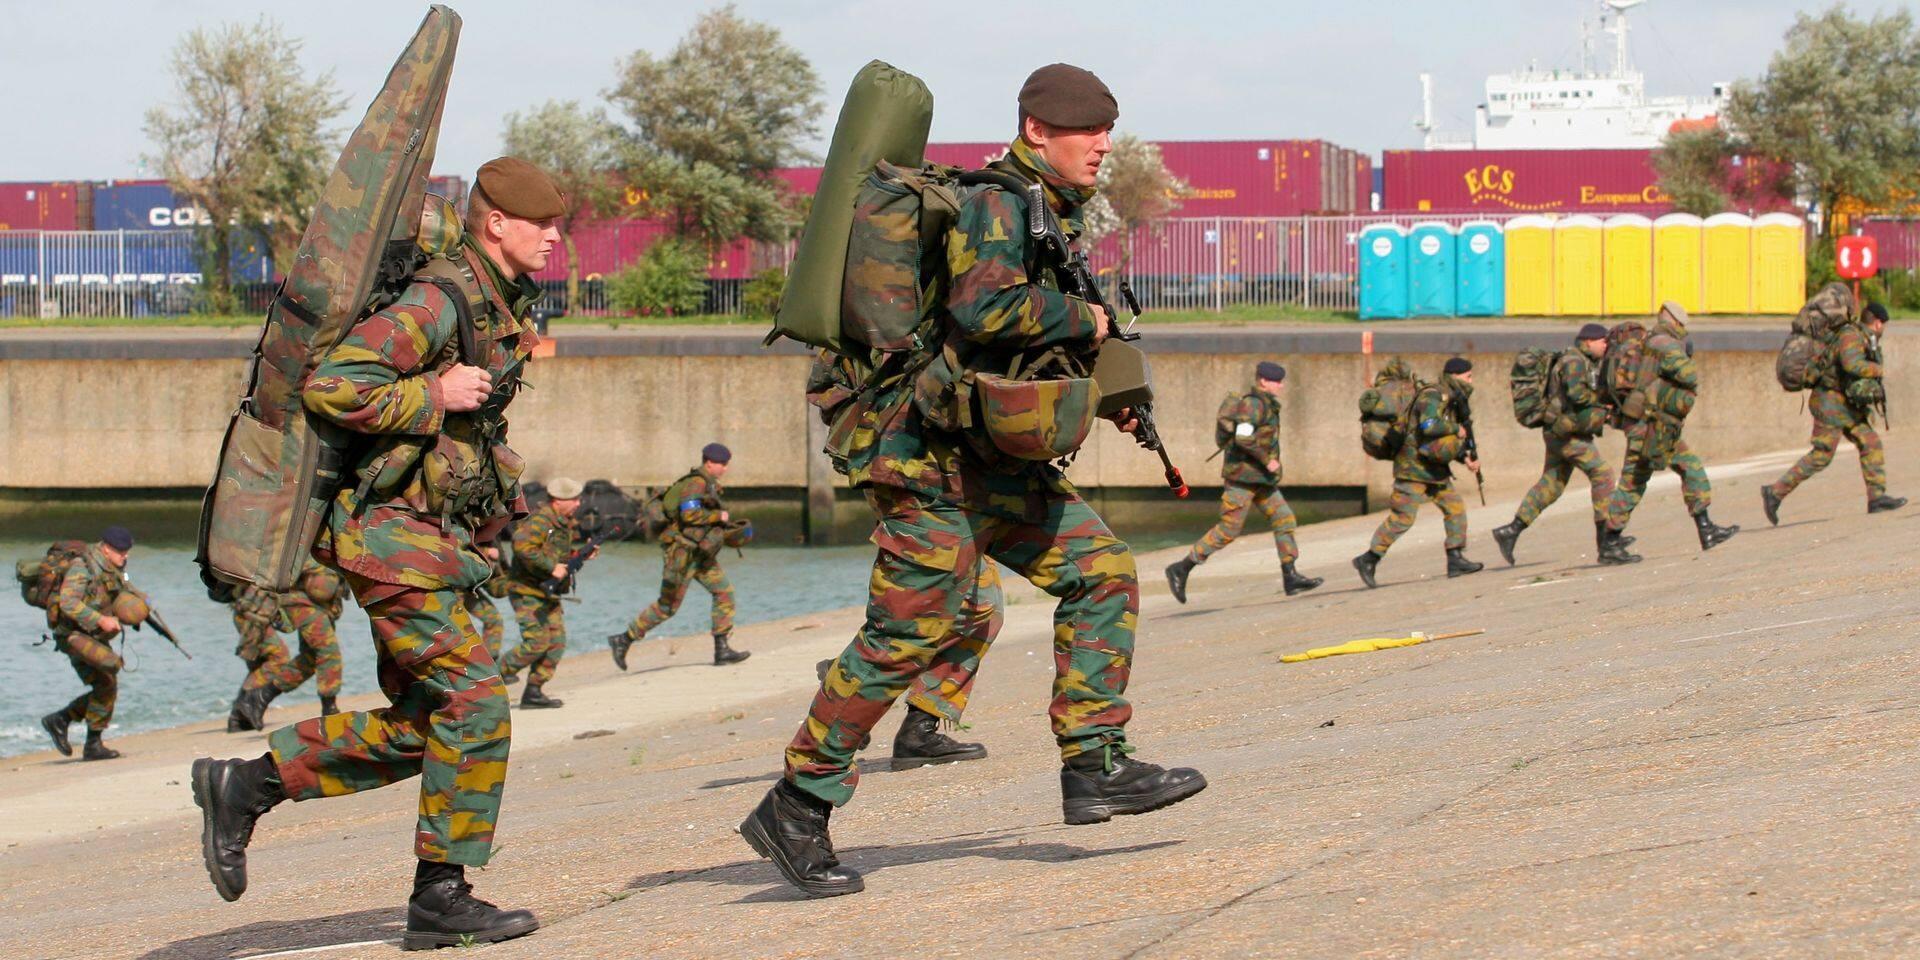 Des soldats belges en mission en Estonie avec des cagoules datant de... la guerre de Corée!